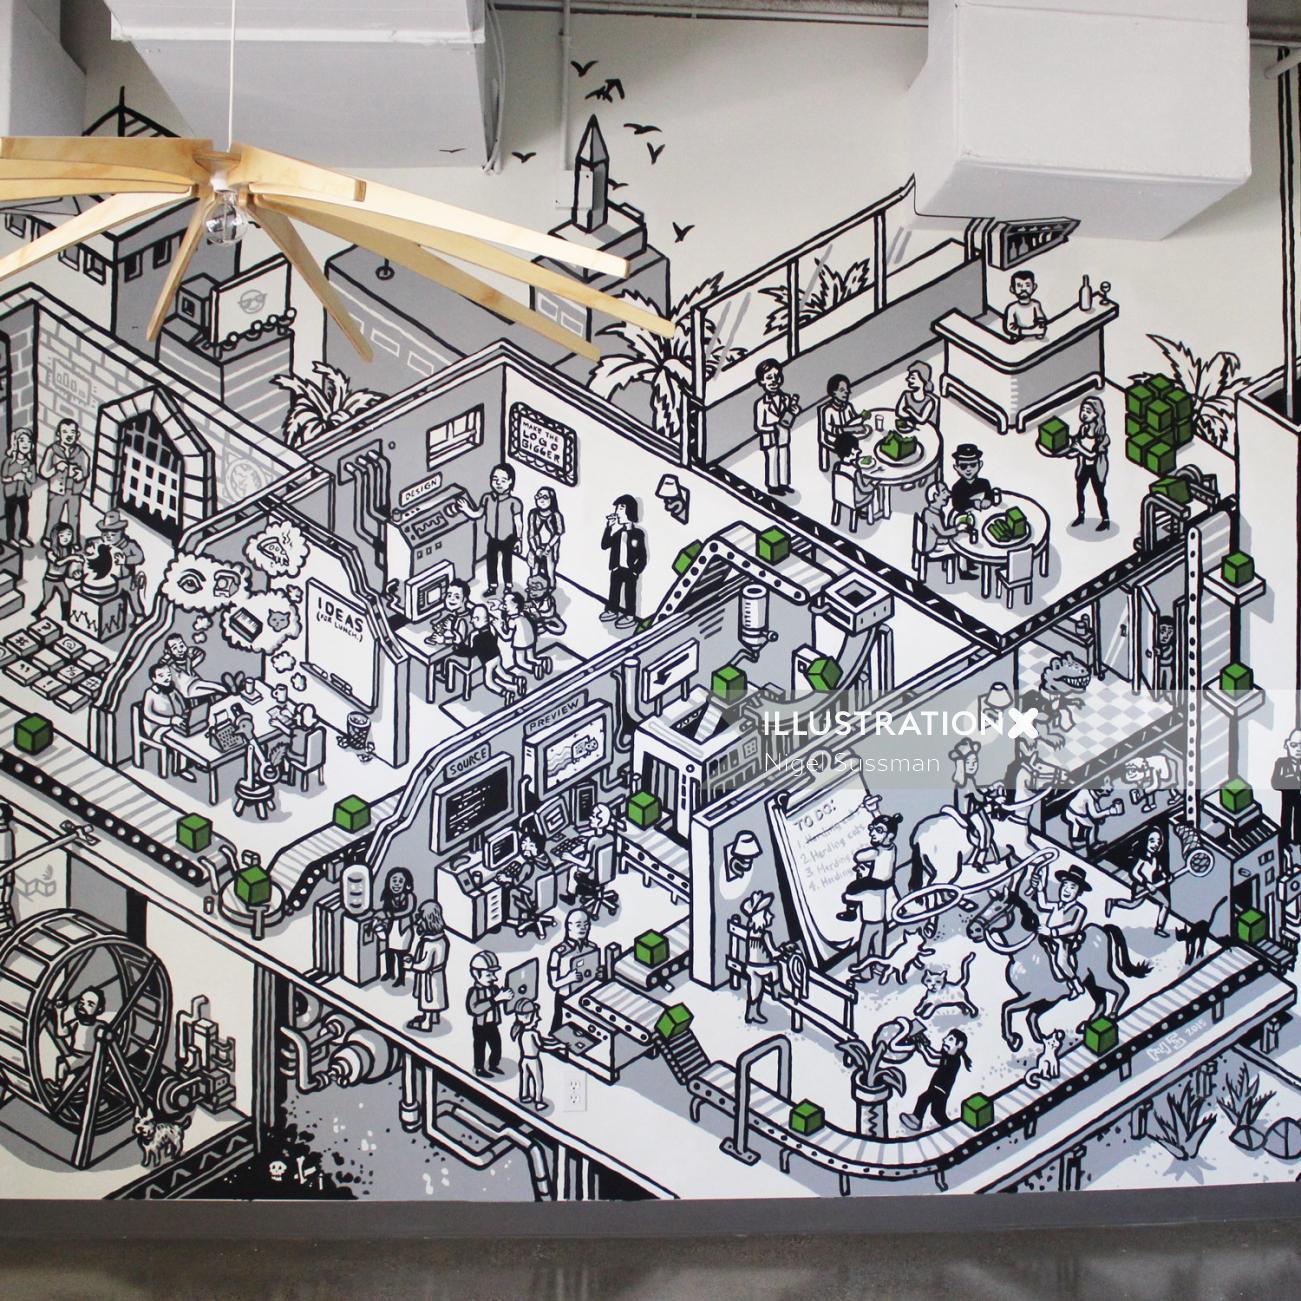 Mural Art at Good People in Los Angeles